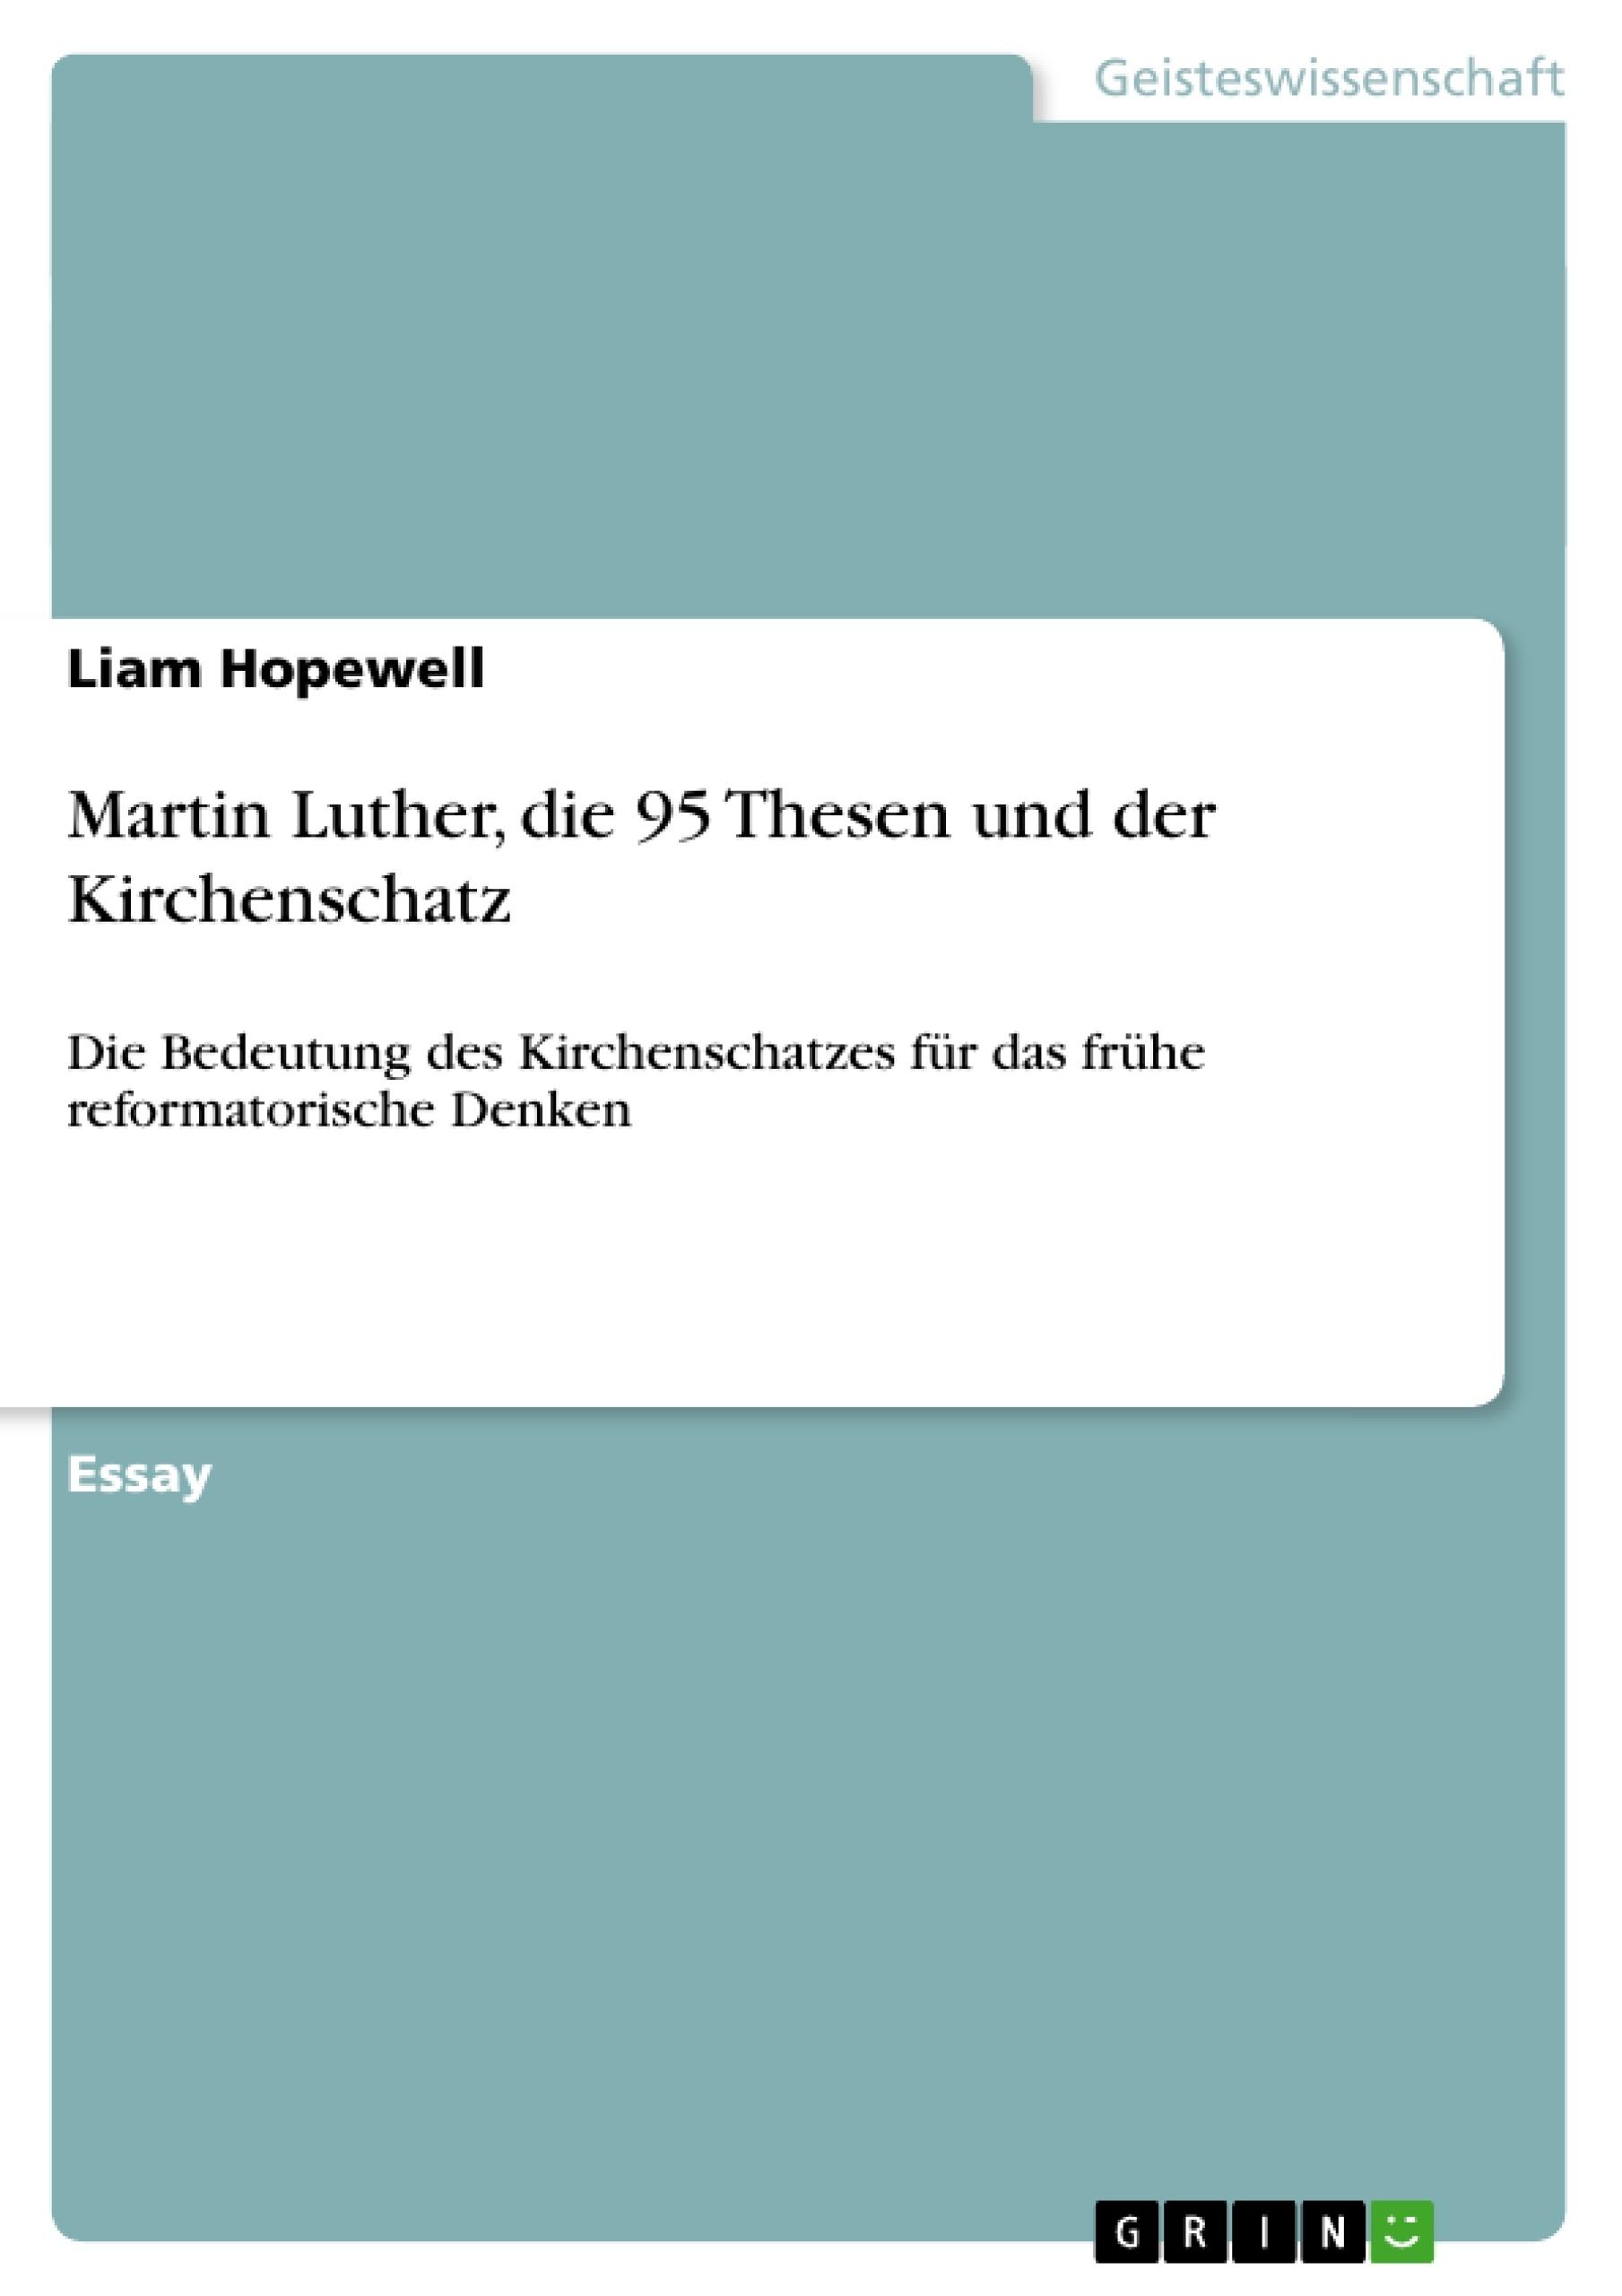 Titel: Martin Luther, die 95 Thesen und der Kirchenschatz